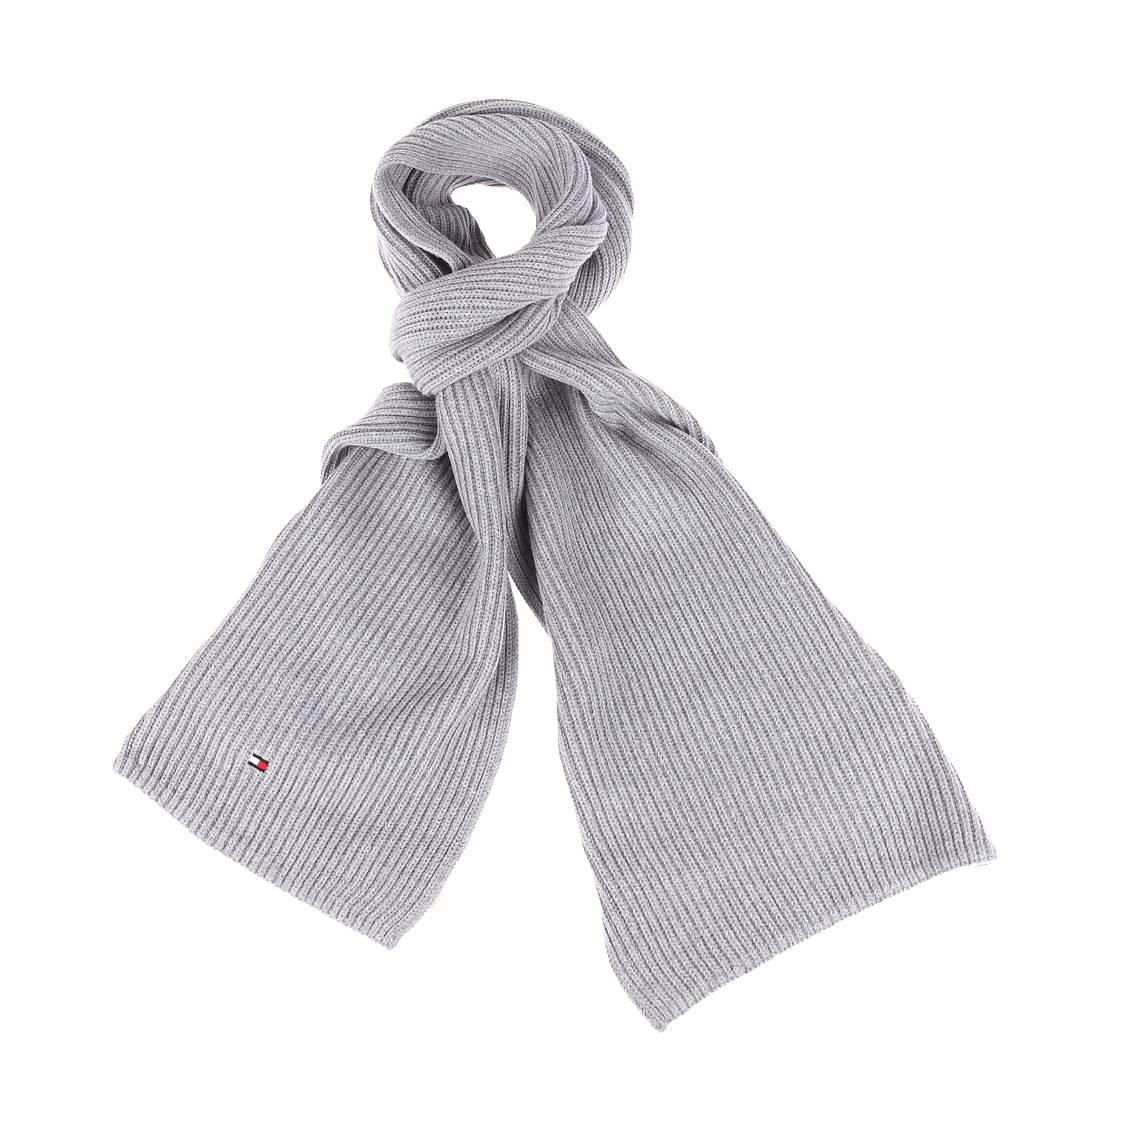 Echarpe tommy hilfiger en coton pima et cachemire gris clair